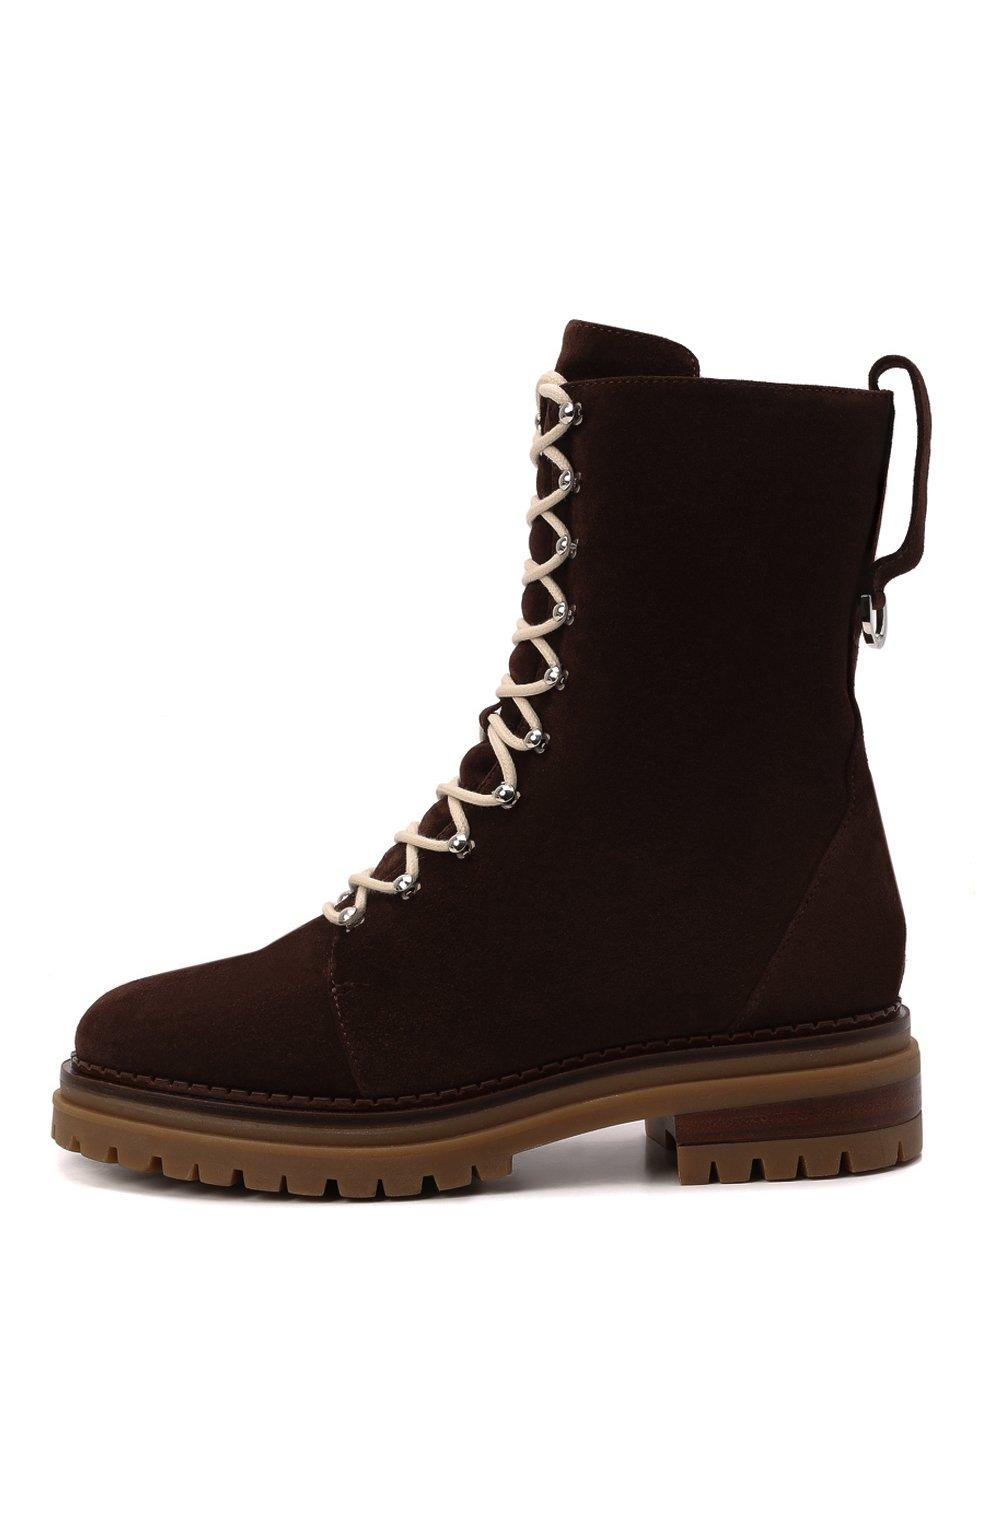 Женские замшевые ботинки sr joan SERGIO ROSSI темно-коричневого цвета, арт. A92040-MCRM13 | Фото 3 (Подошва: Платформа; Материал утеплителя: Натуральный мех; Каблук высота: Низкий; Материал внешний: Замша; Женское Кросс-КТ: Зимние ботинки)